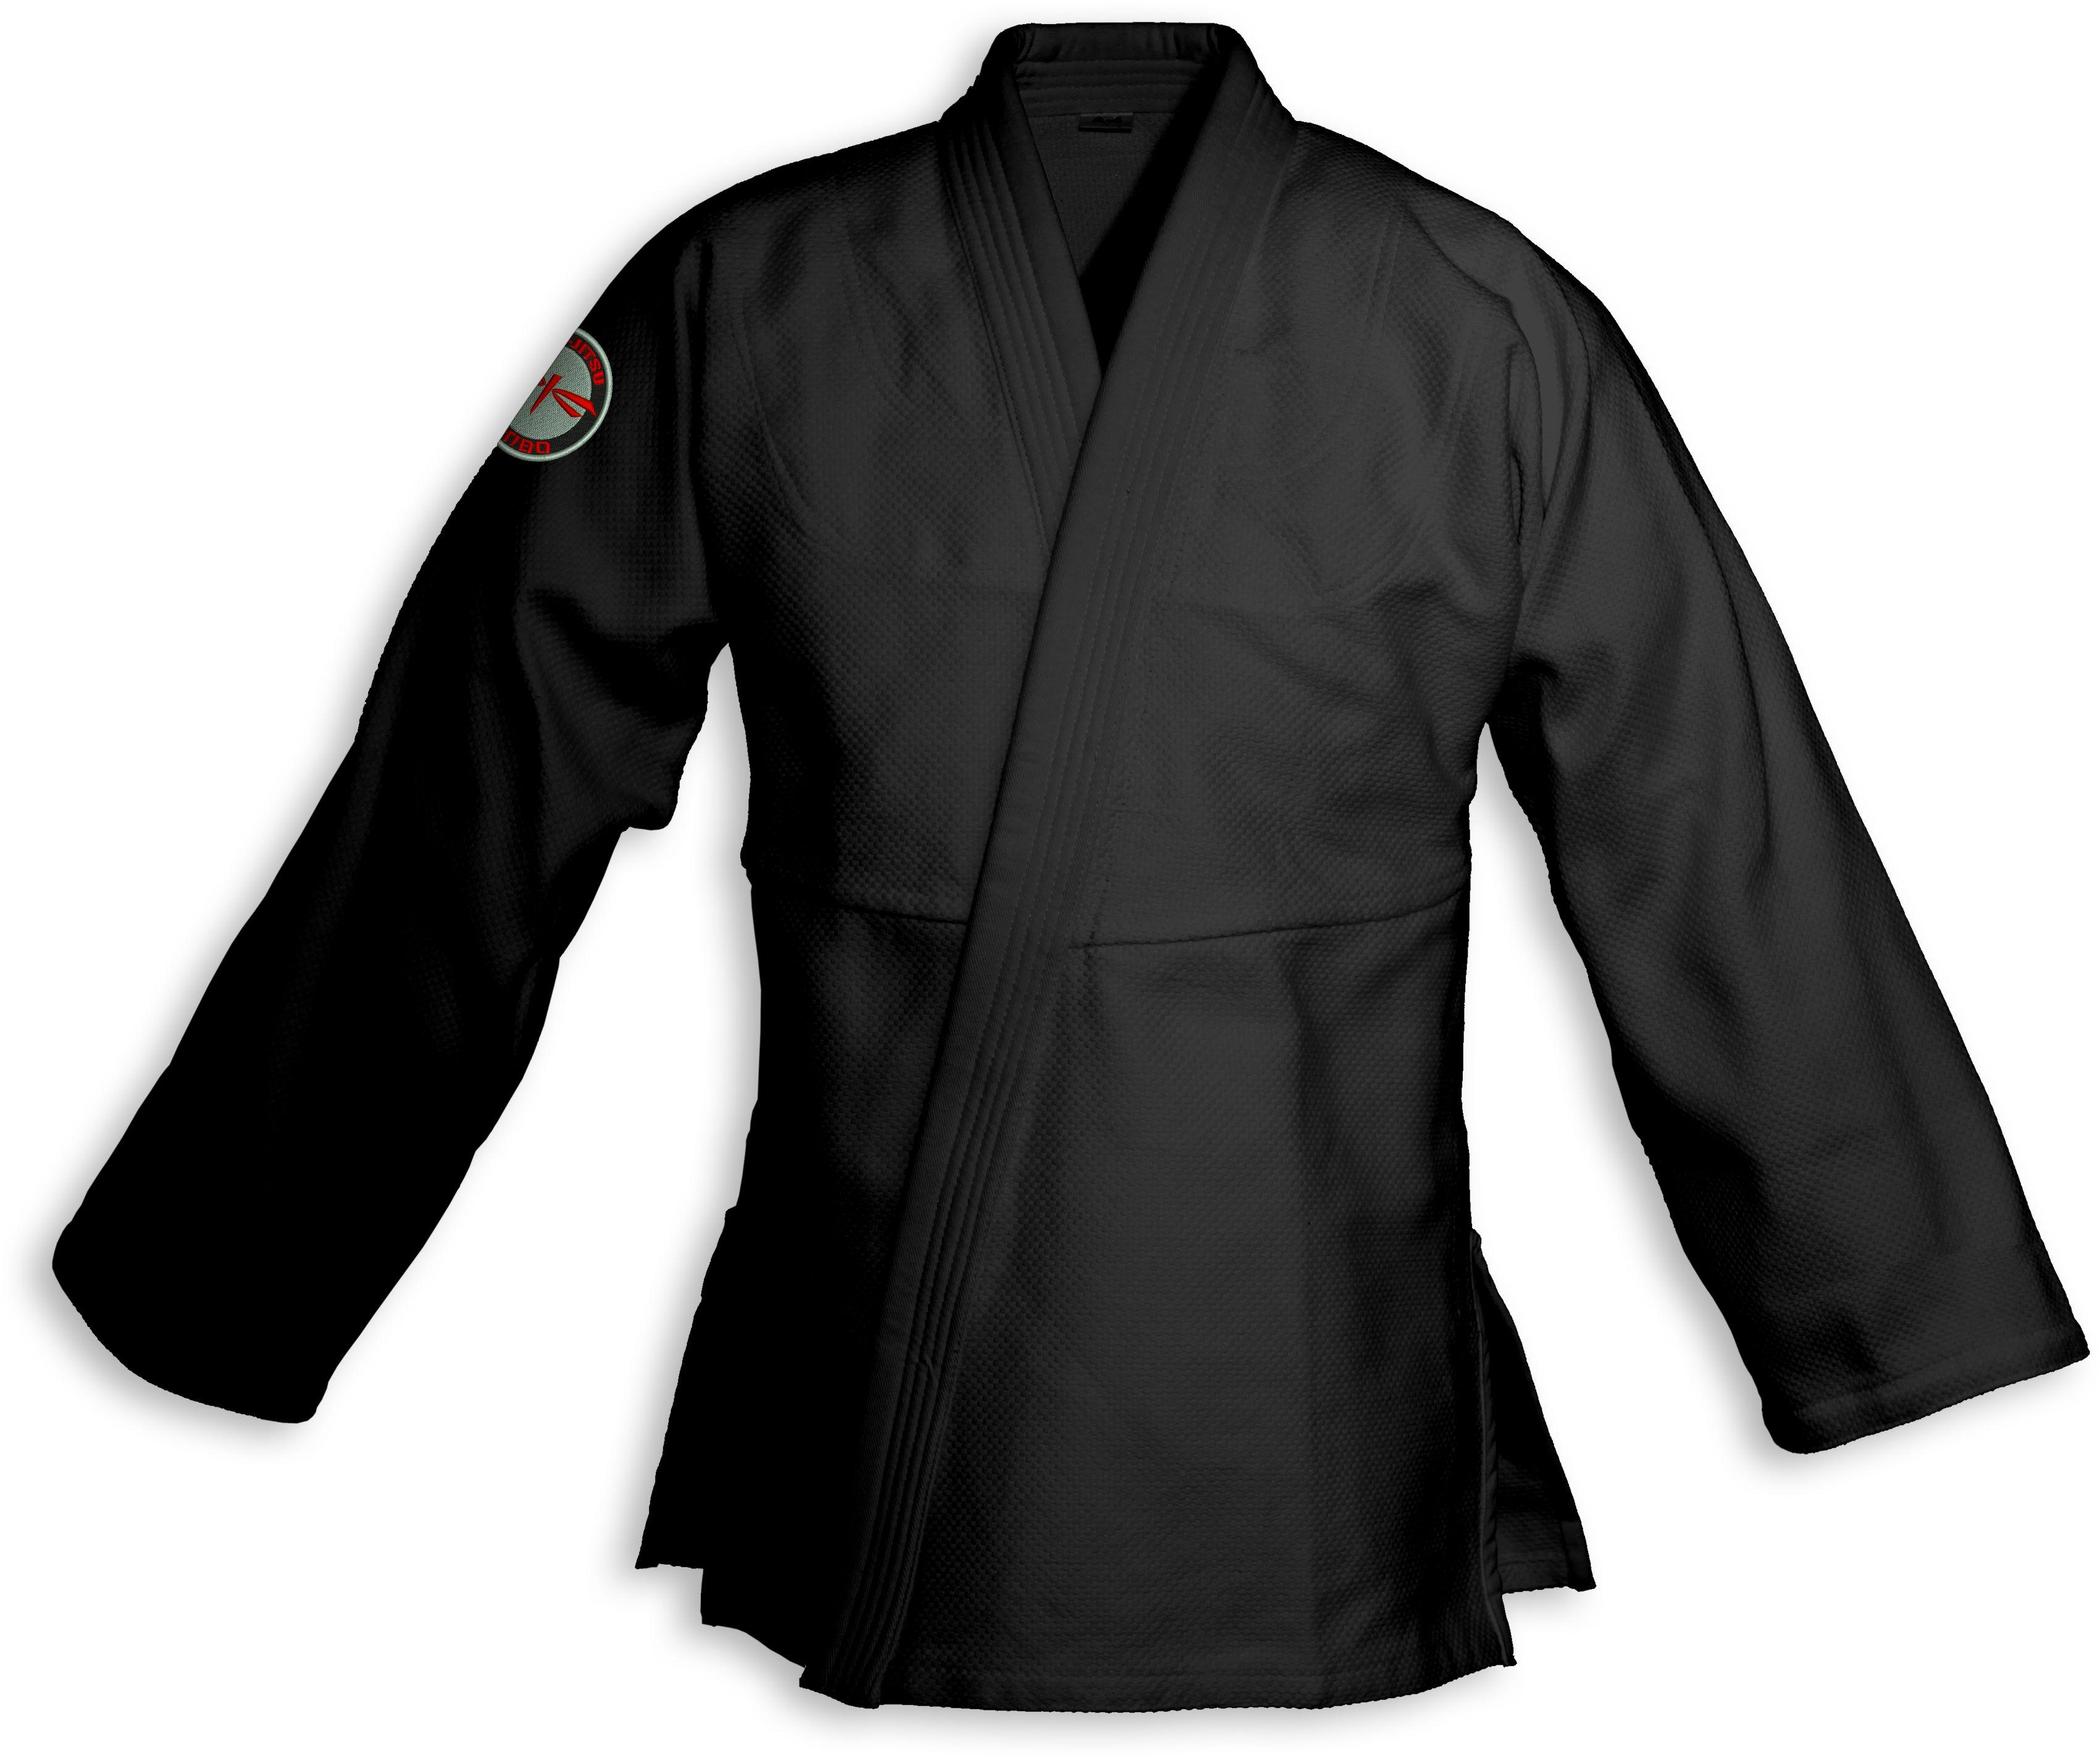 bluza BJJ / Jiu-Jitsu NAKED-LIGHT, czarna, 420g/m2 (21 rozmiarów)